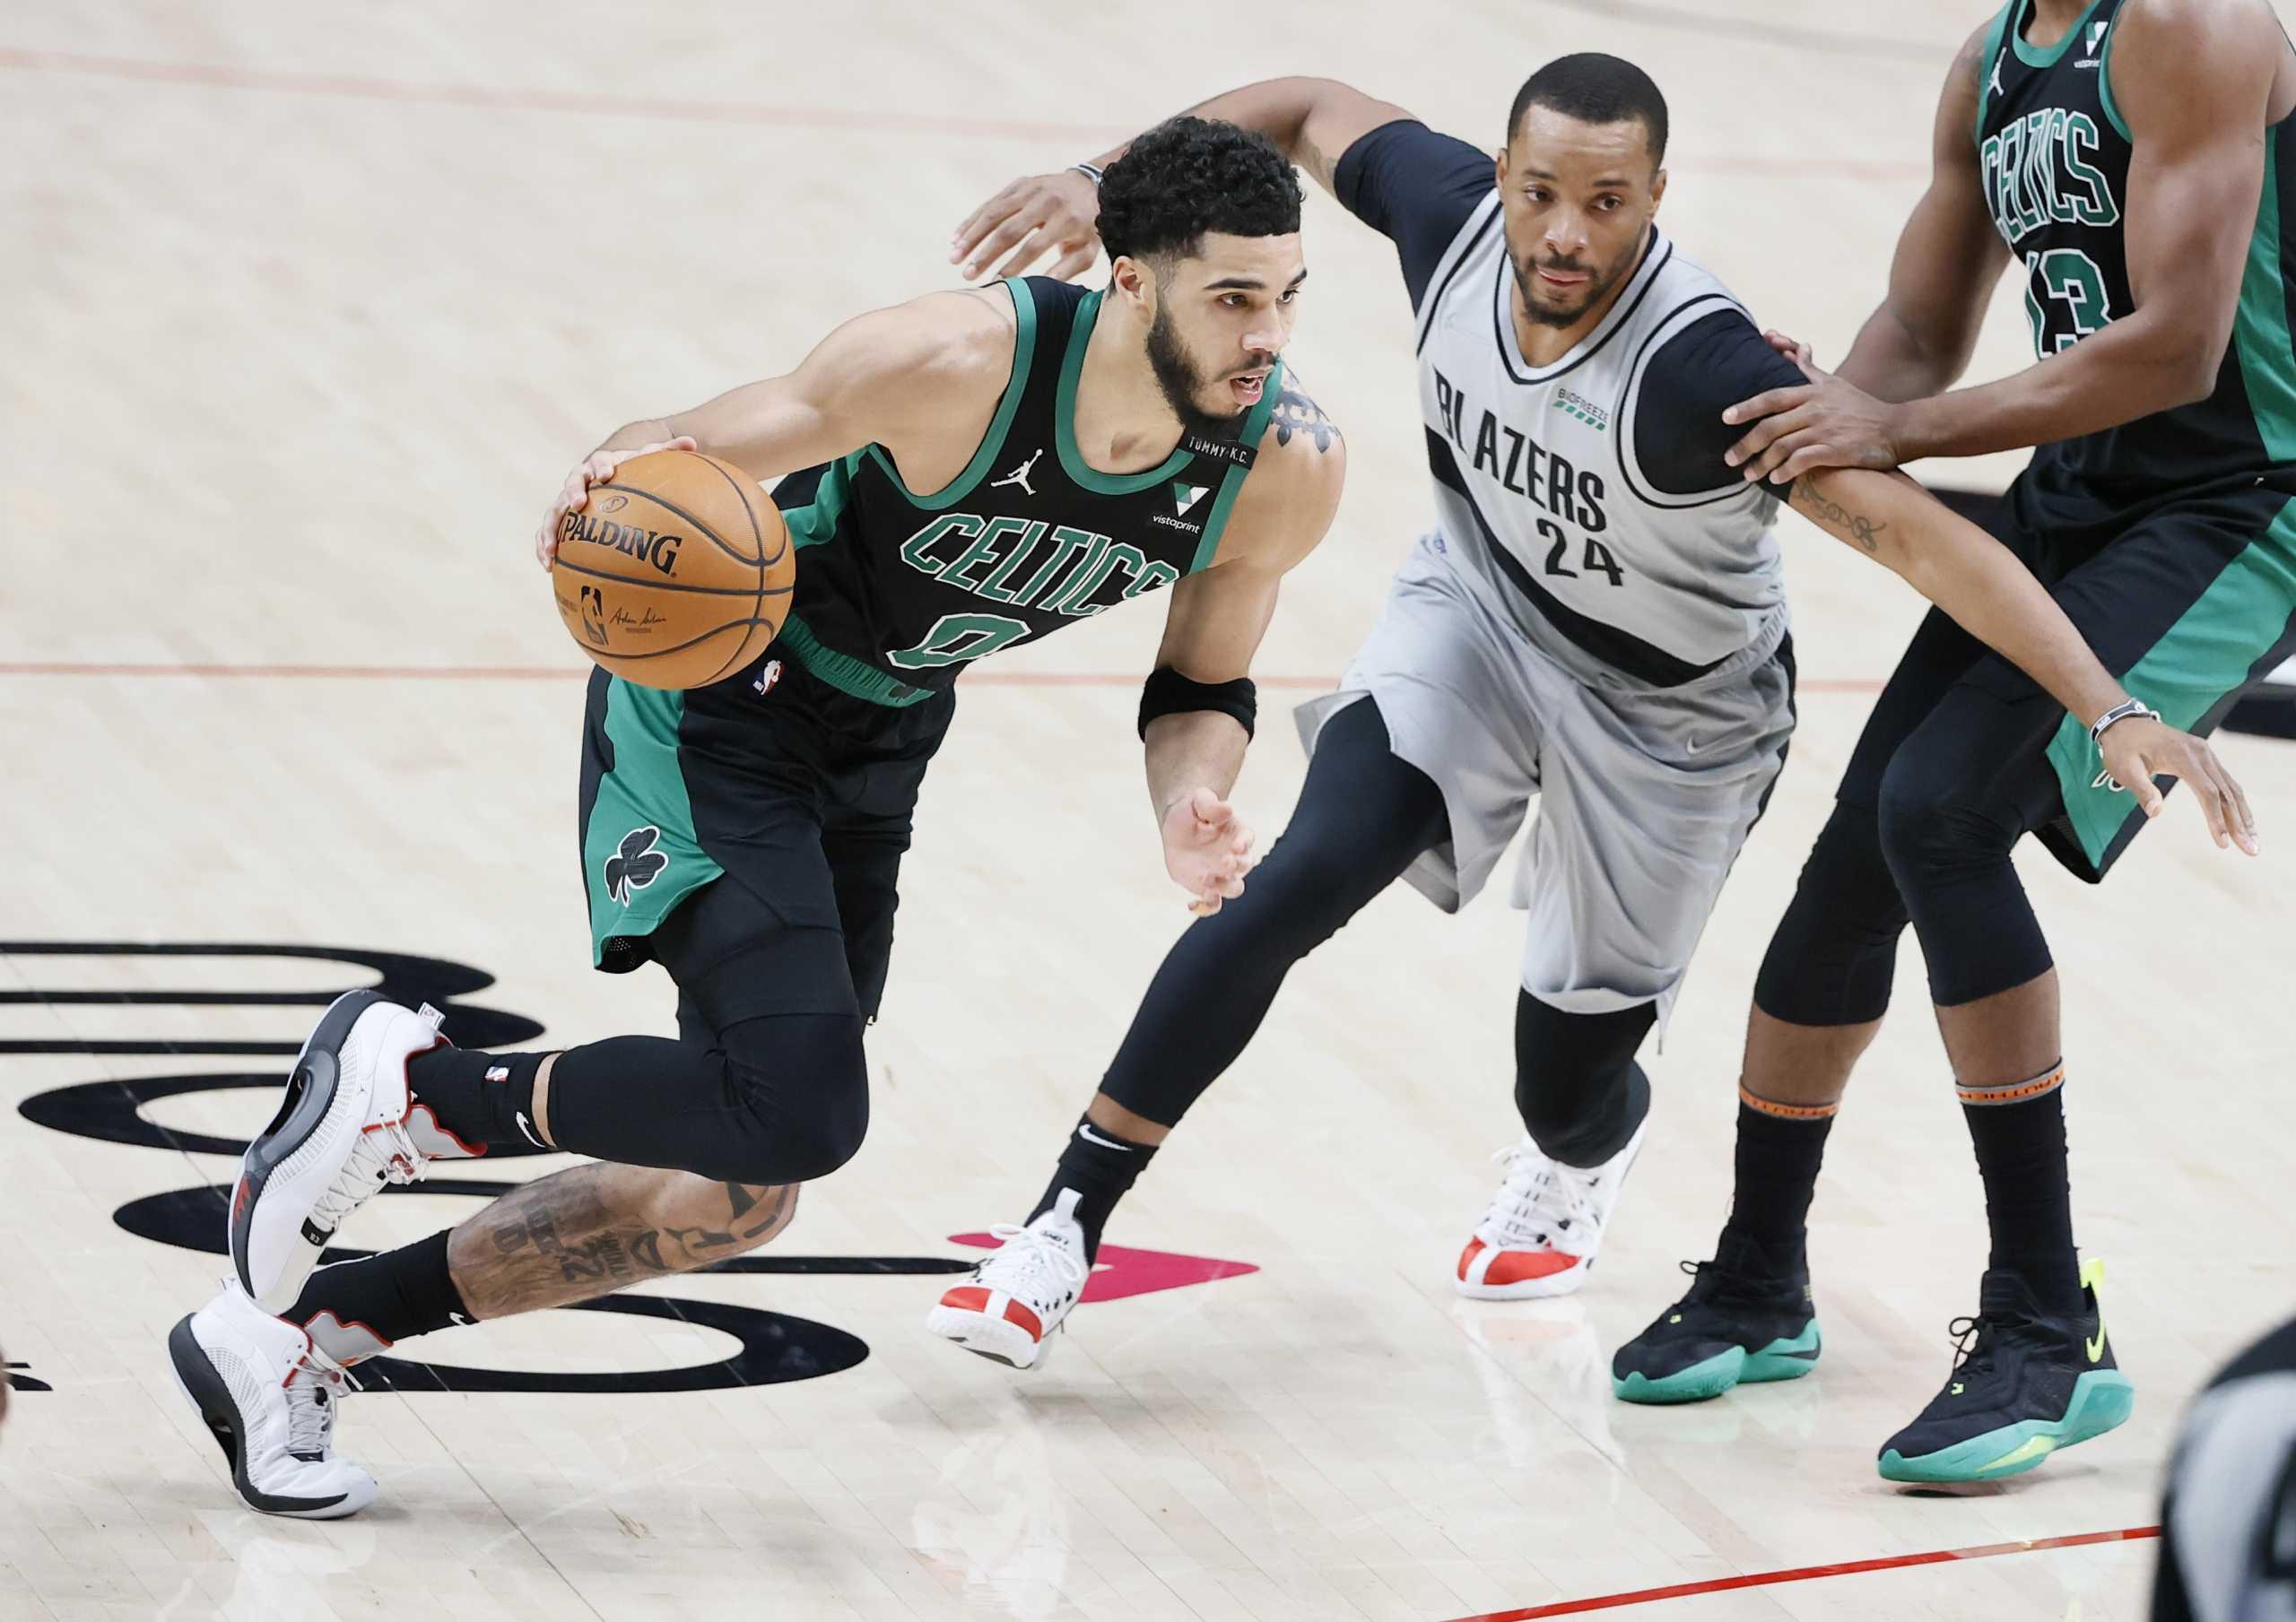 Ο Τέιτουμ οδηγεί τους Σέλτικς προς τα play off – Τα αποτελέσματα στο NBA (videos)